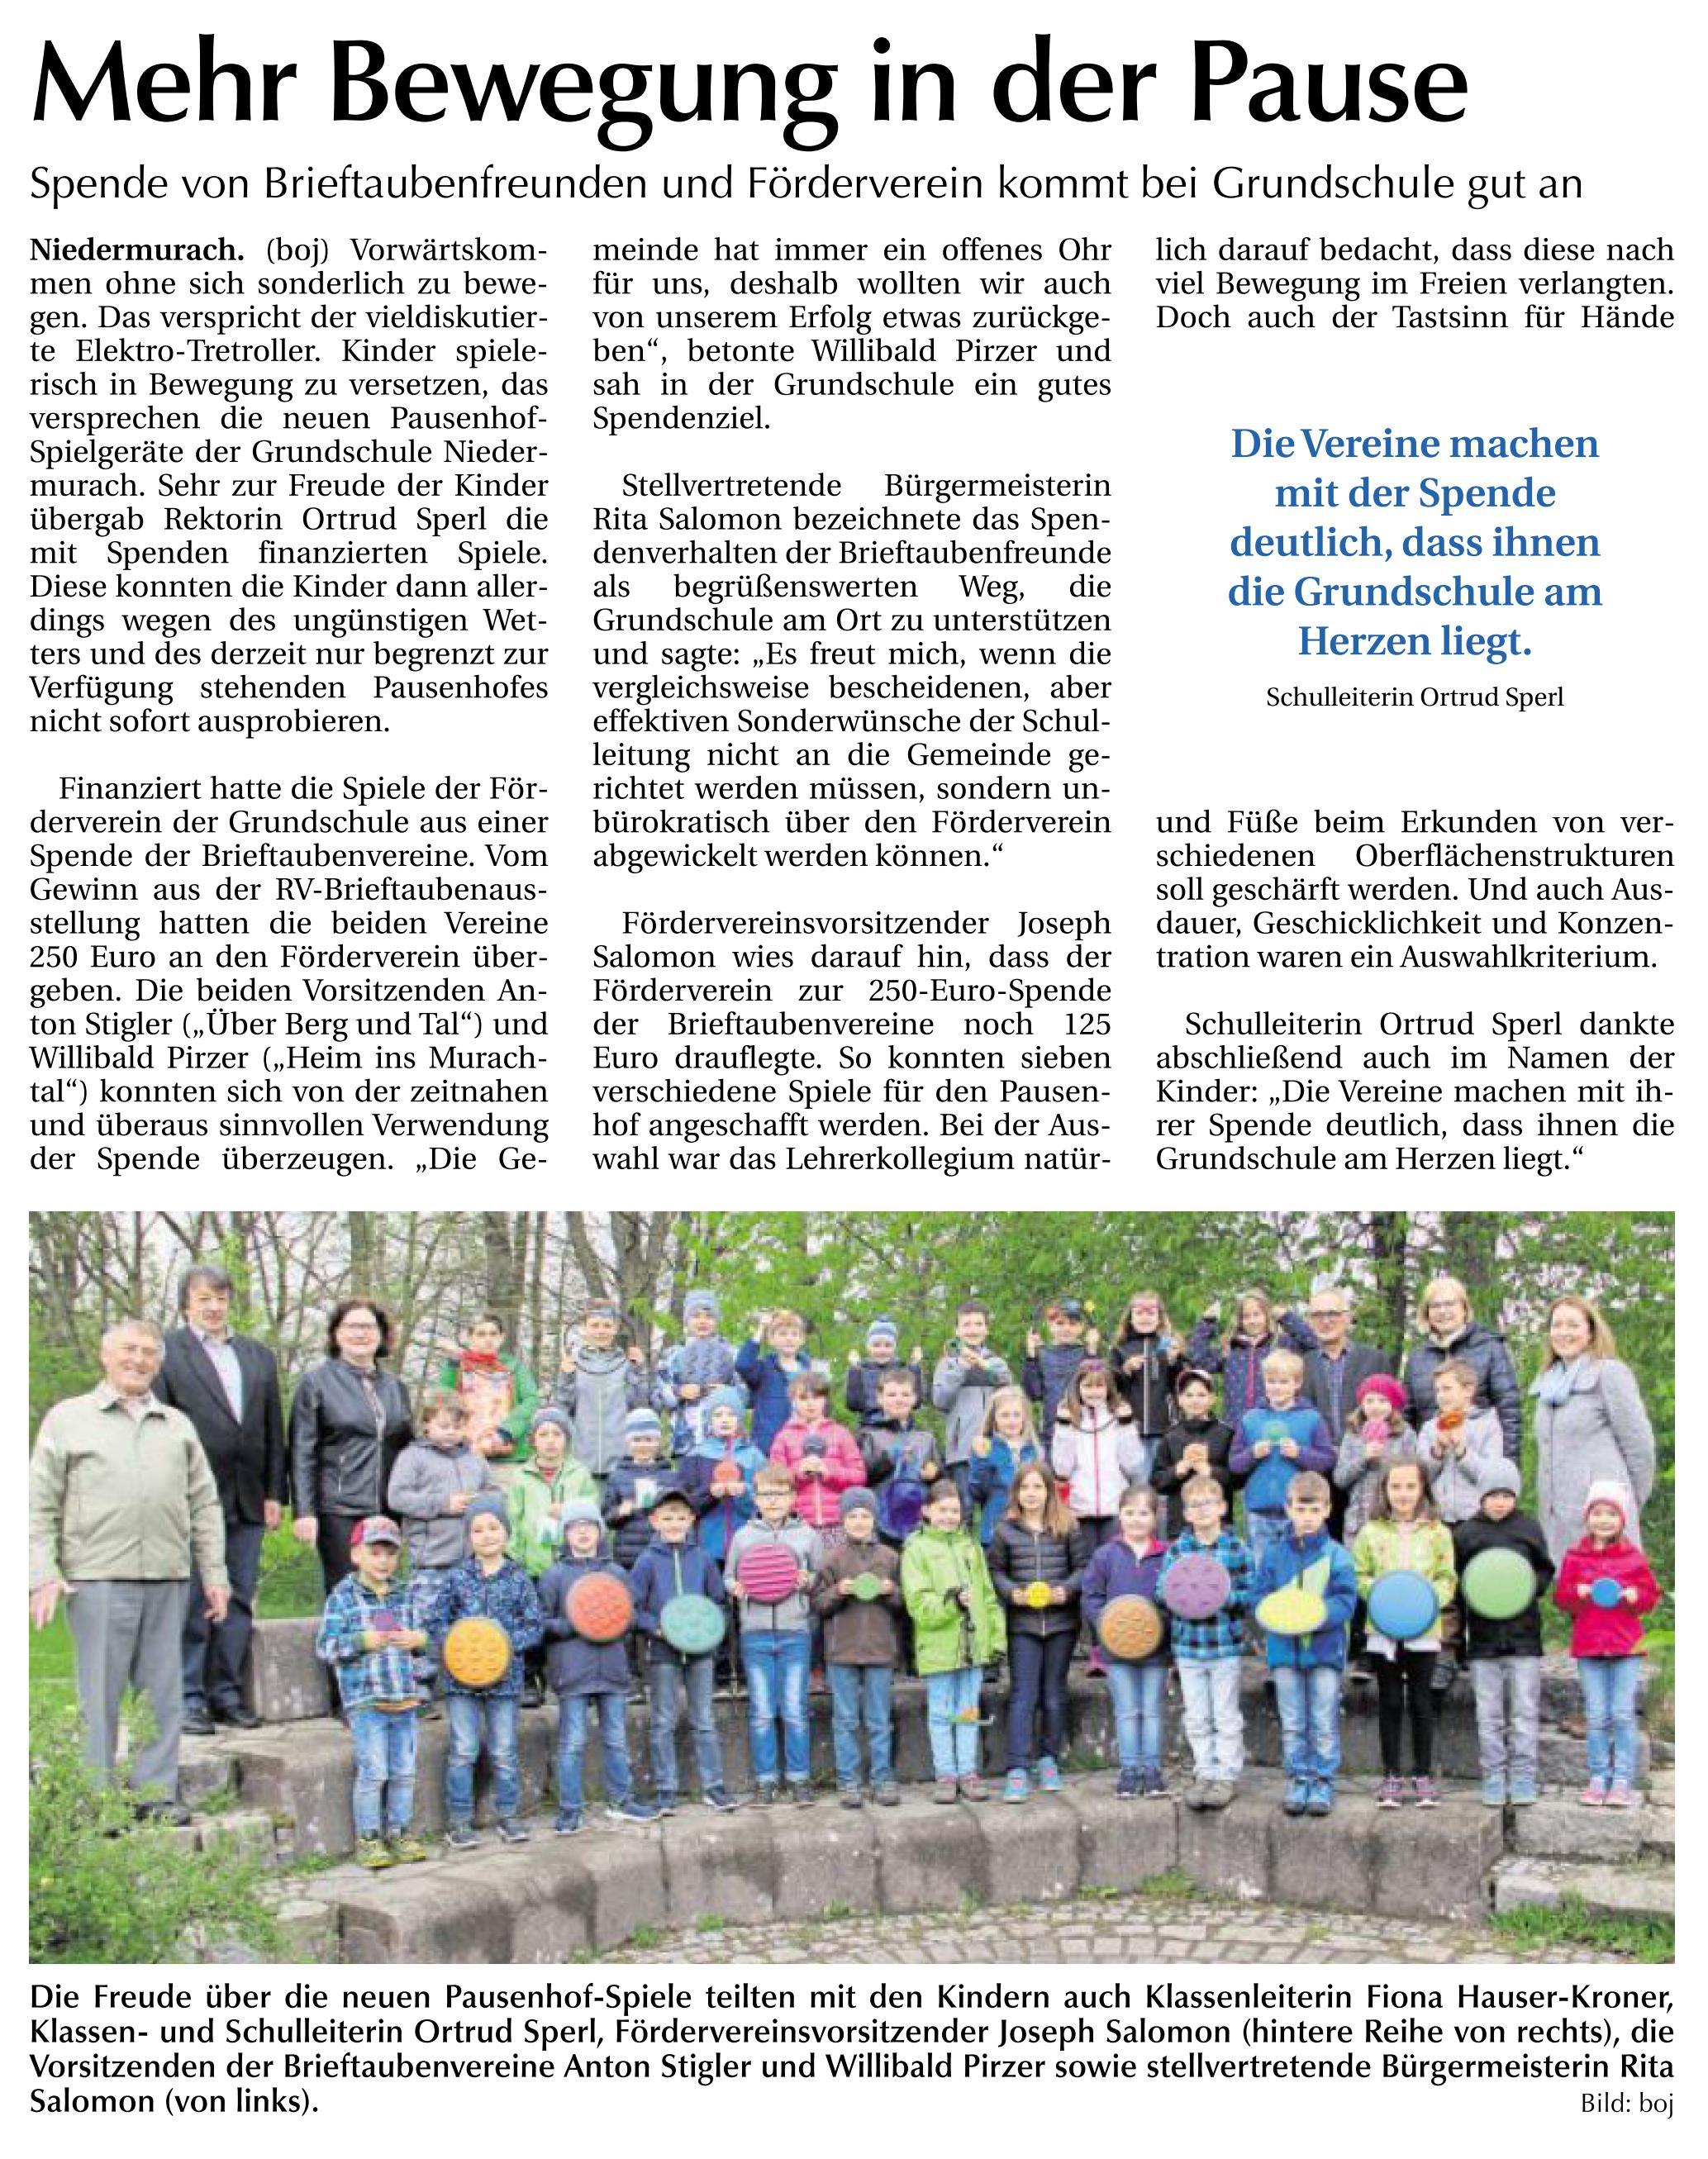 2019-05-13_Schwandorf_Grenzwarte_31.jpg